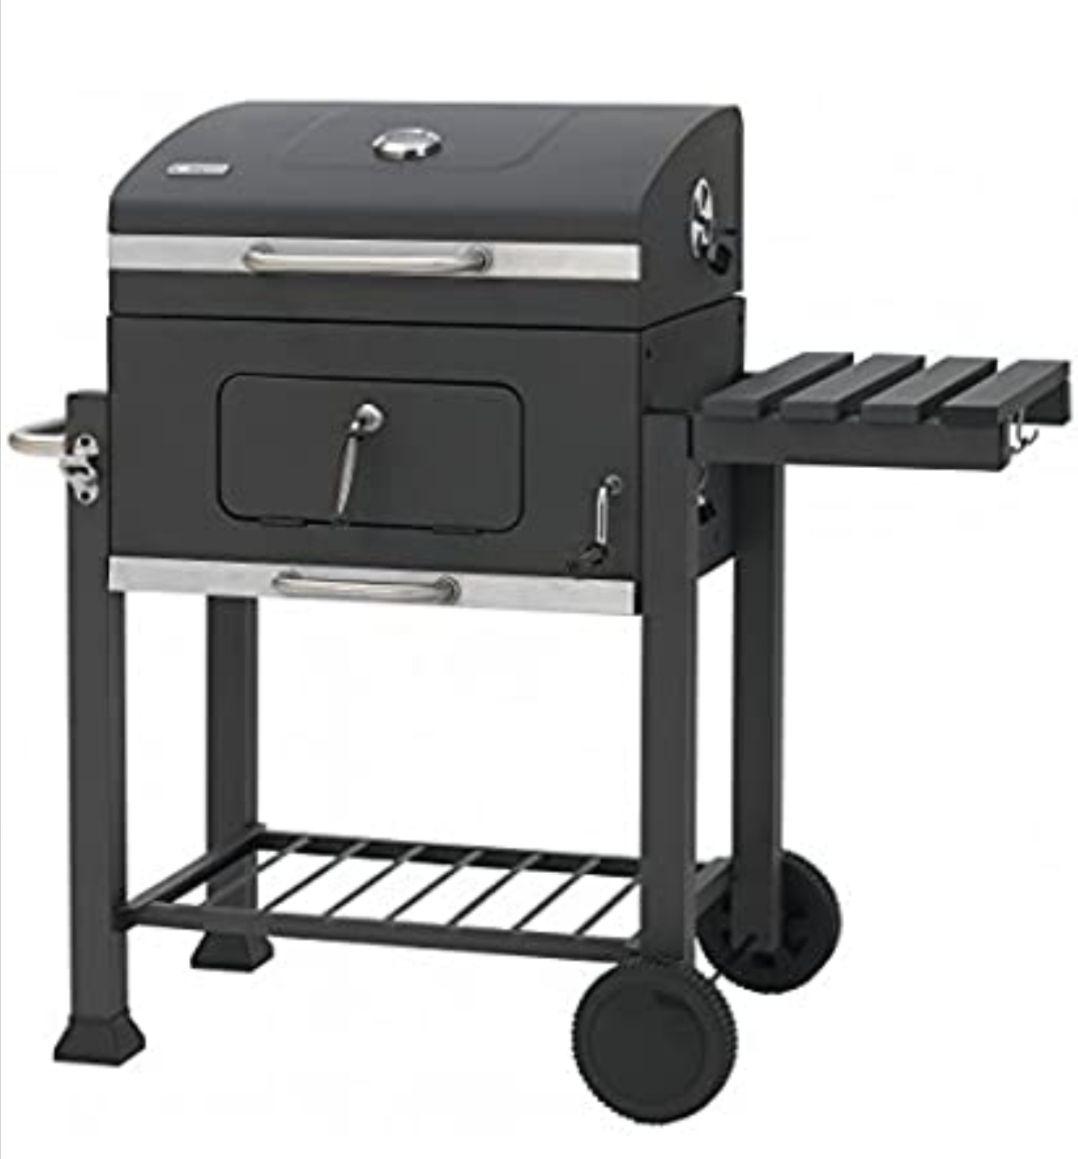 Toronto Click Charcoal BBQ - £40 @ LIDL (Llandudno)